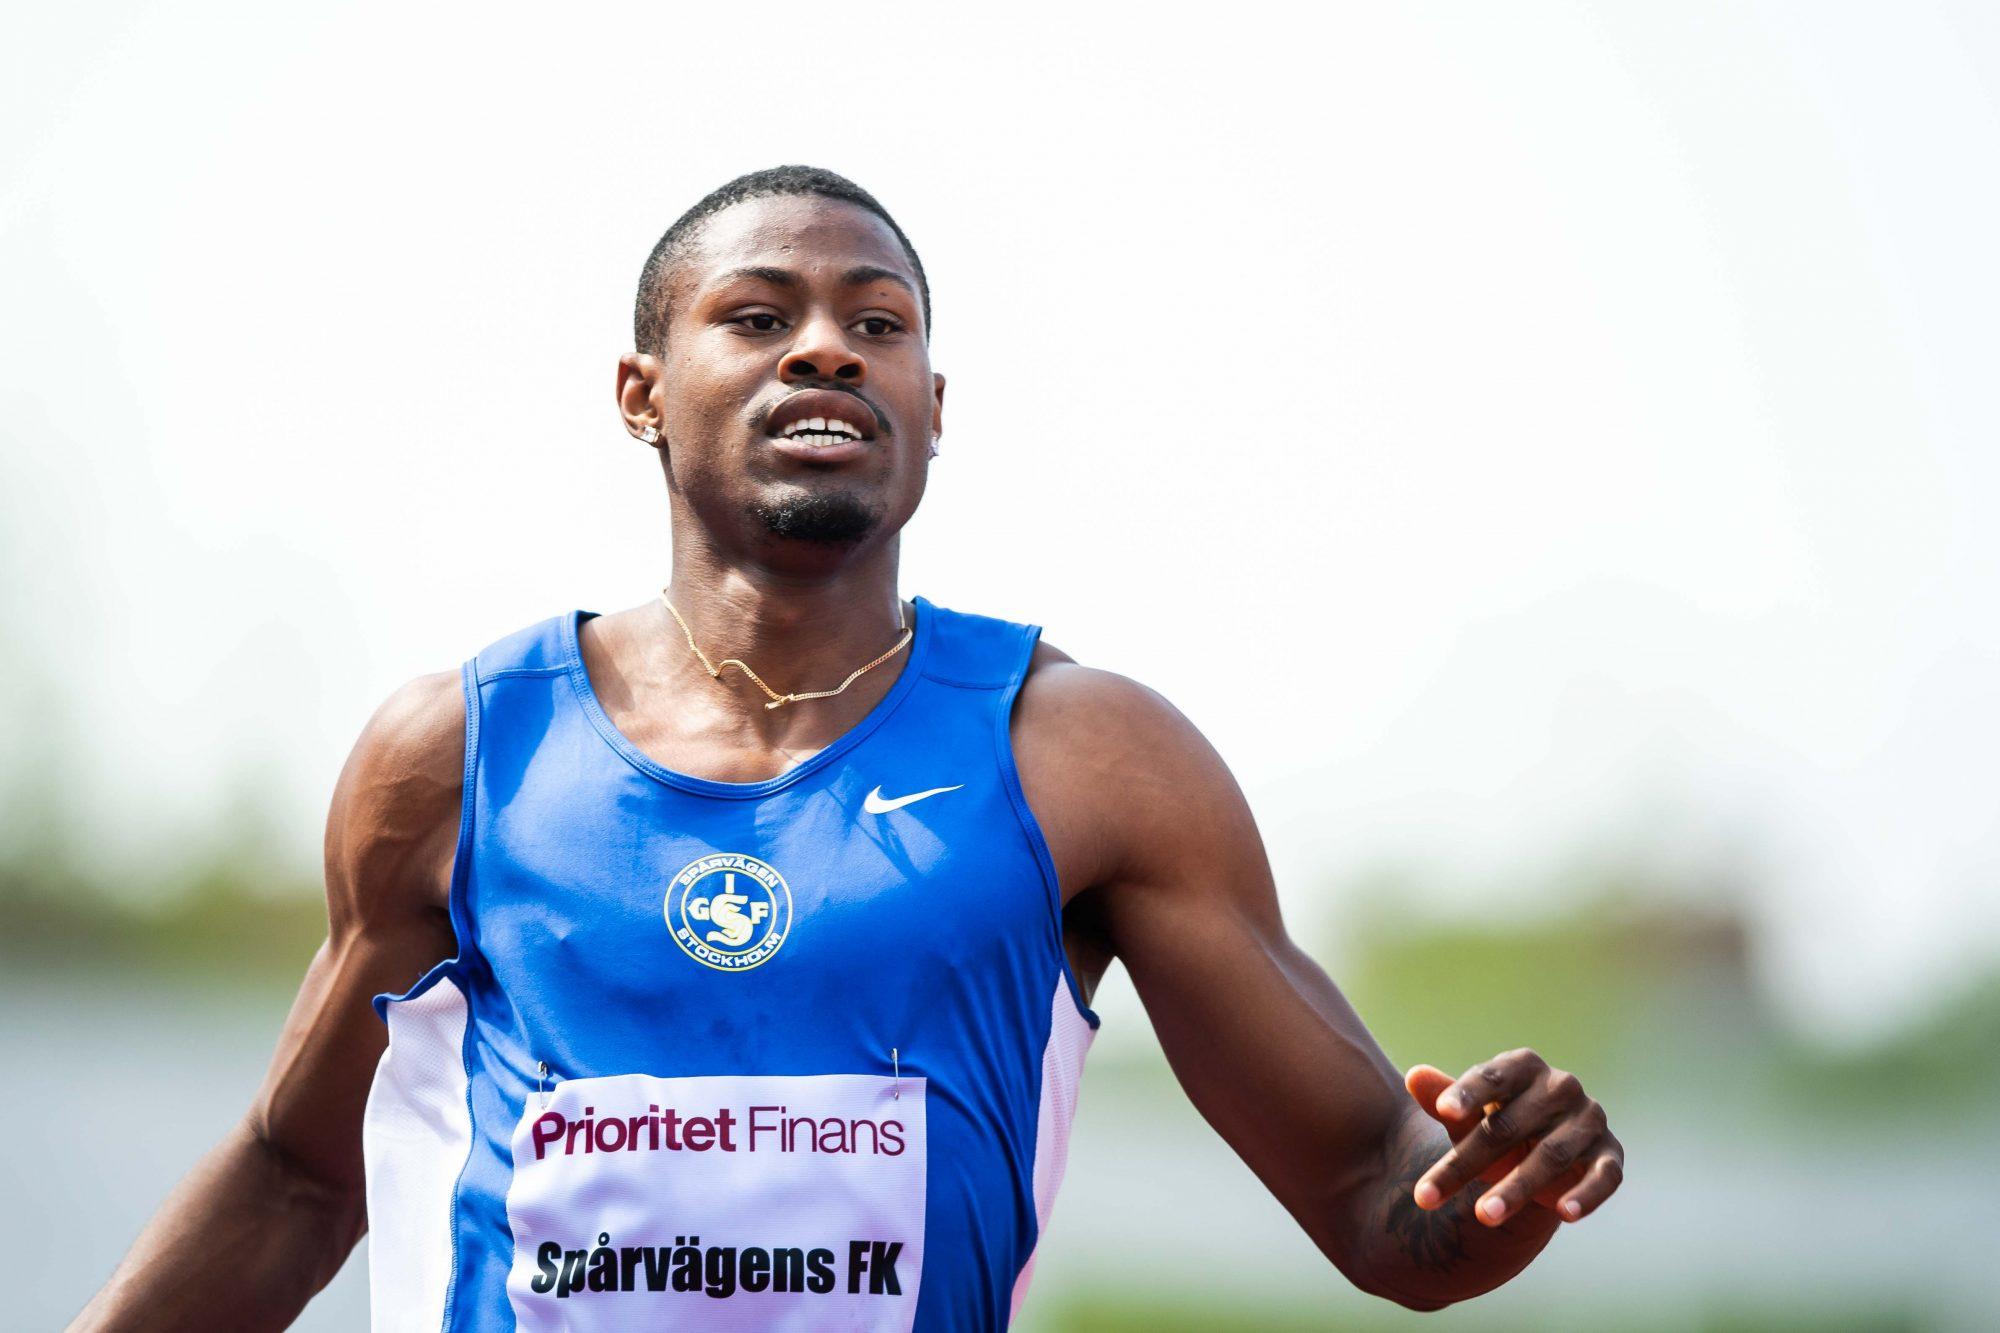 Odain Rose, Spårvägen tävlar i herrarnas 100m under Lag-SM i friidrott under dag 1 av SM-veckan den 26 juni 2019 i Malmö.